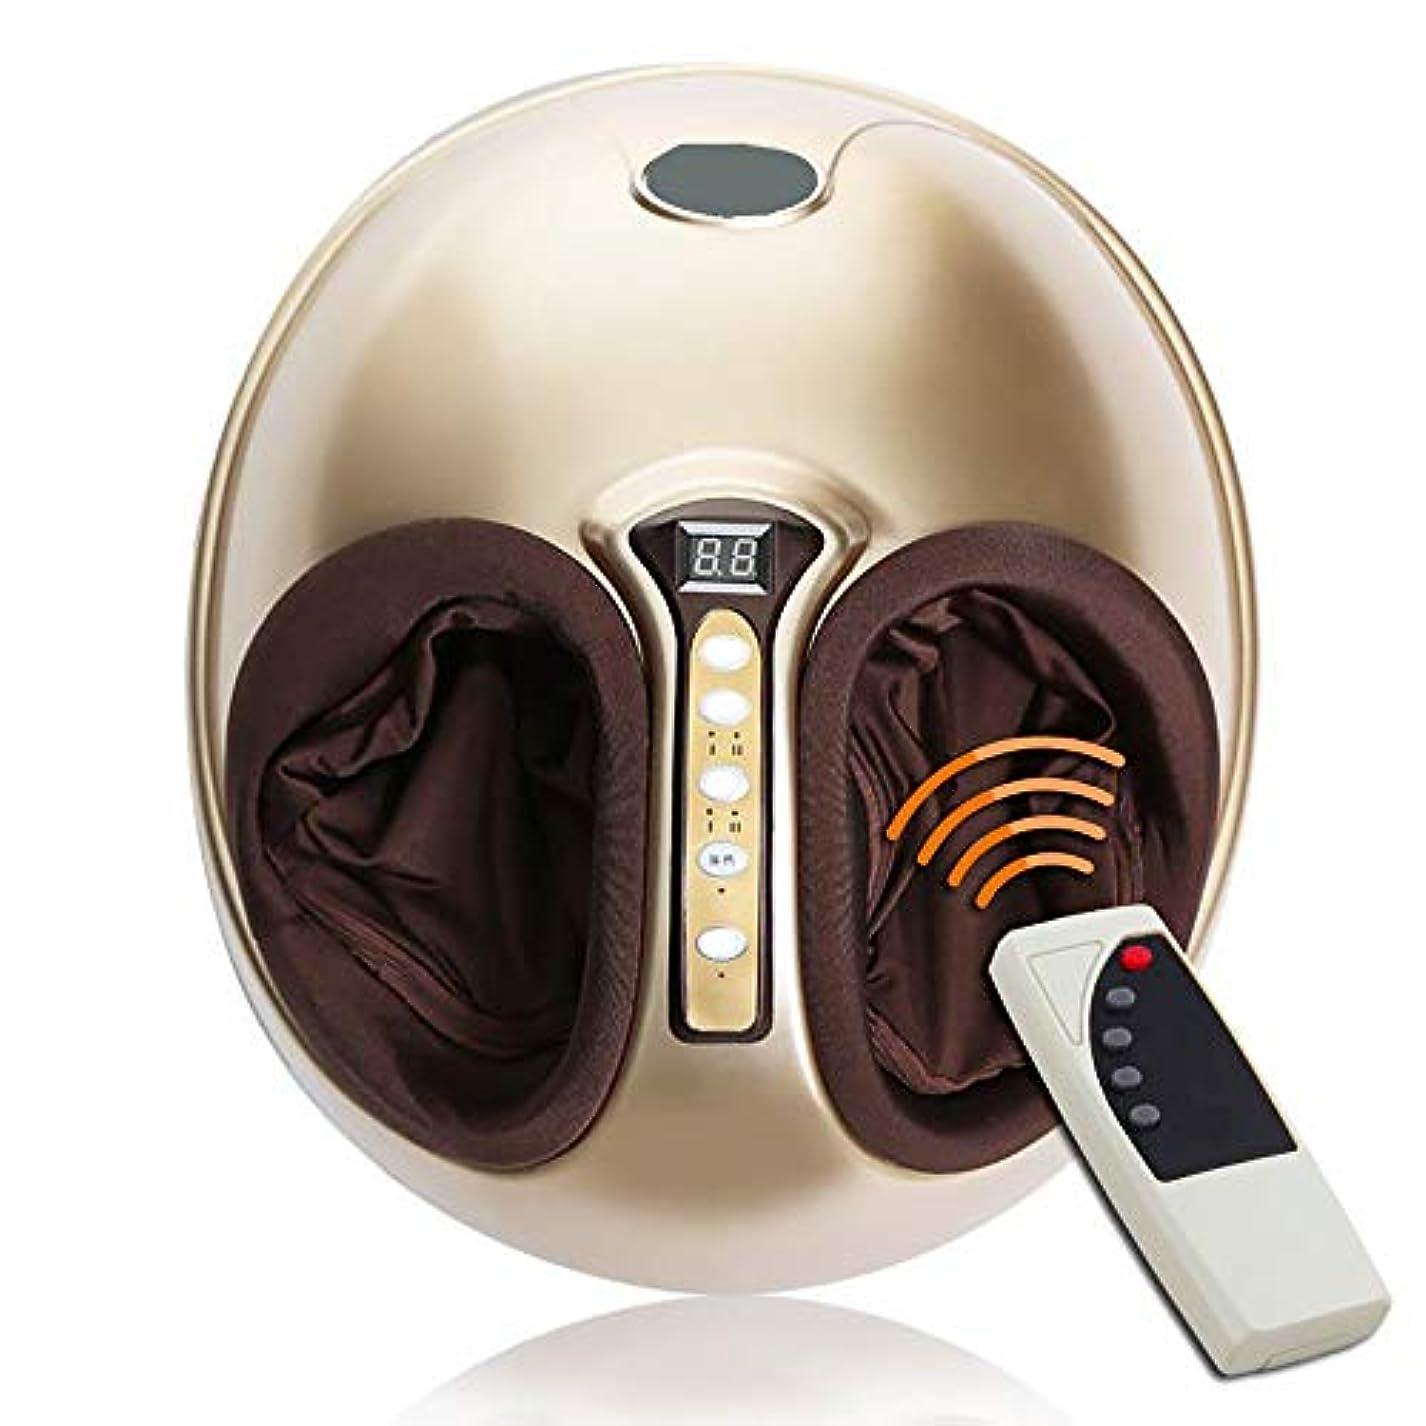 極小トライアスリート花婿フットマッサージャー指圧マッサージ器高温混練ローリング圧縮空気と強度調節可能な家庭用マッサージャーはストレスを軽減します